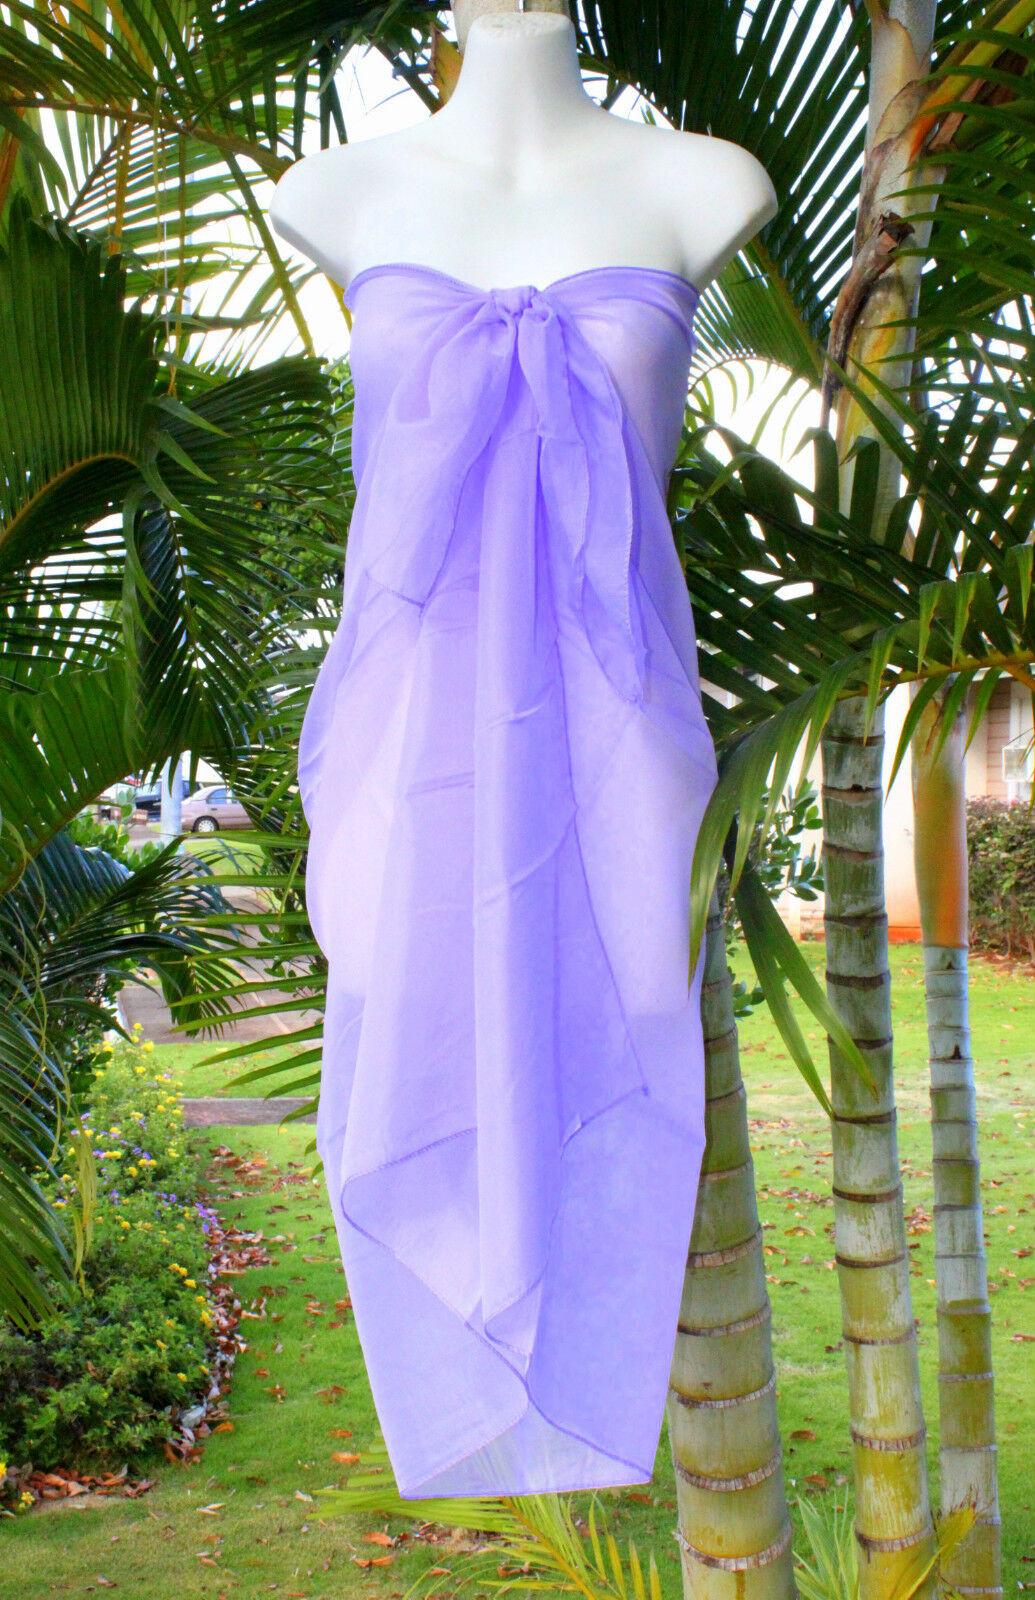 Sheer Sarong Solid Purple Beach Cover Up Hawaii Vacation